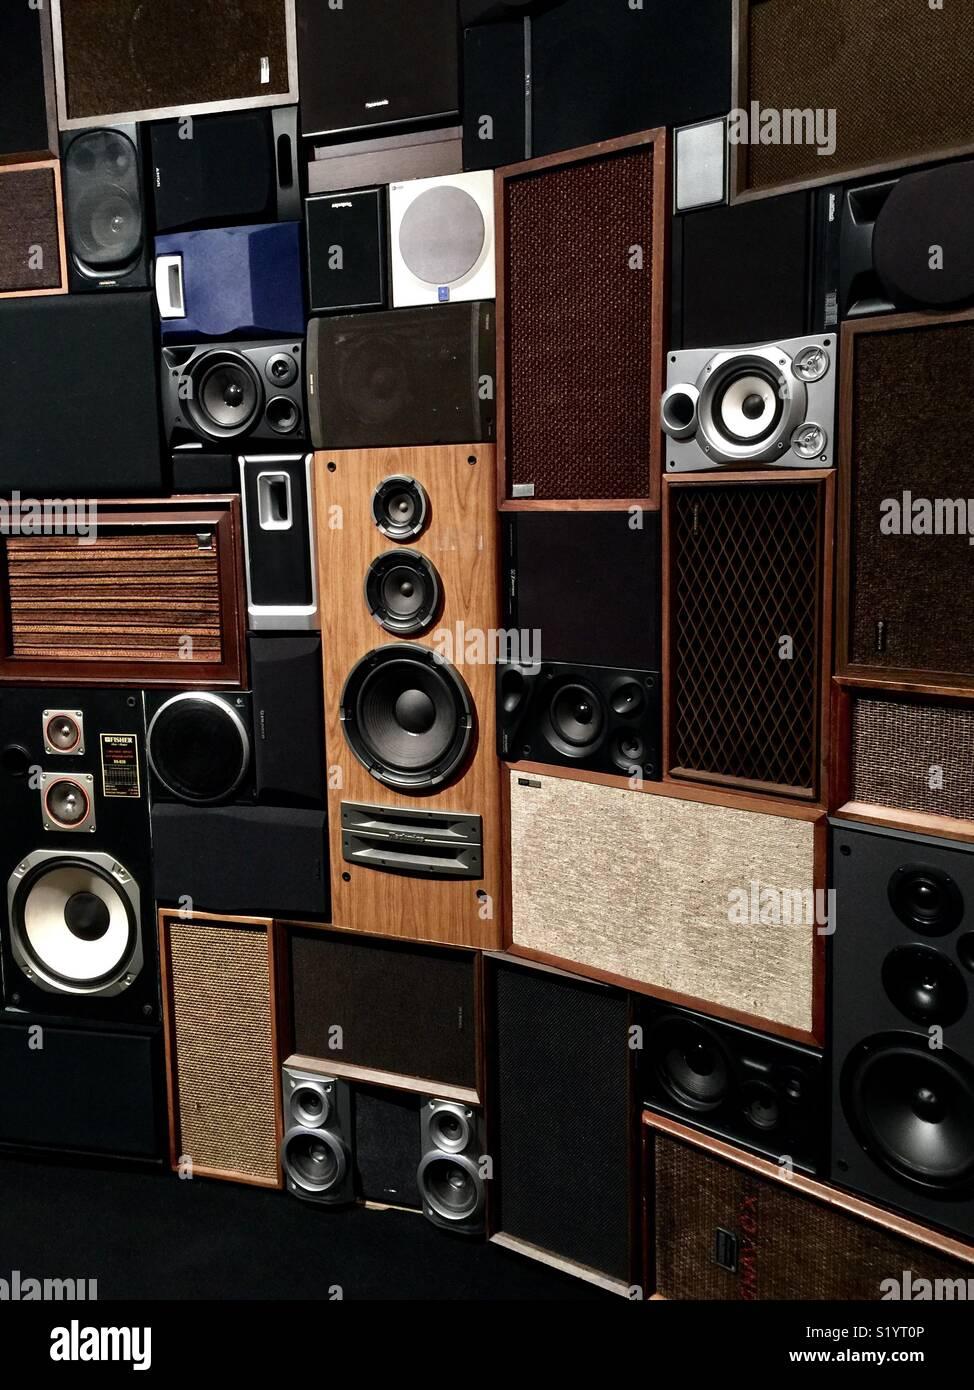 Speaker art installation. - Stock Image